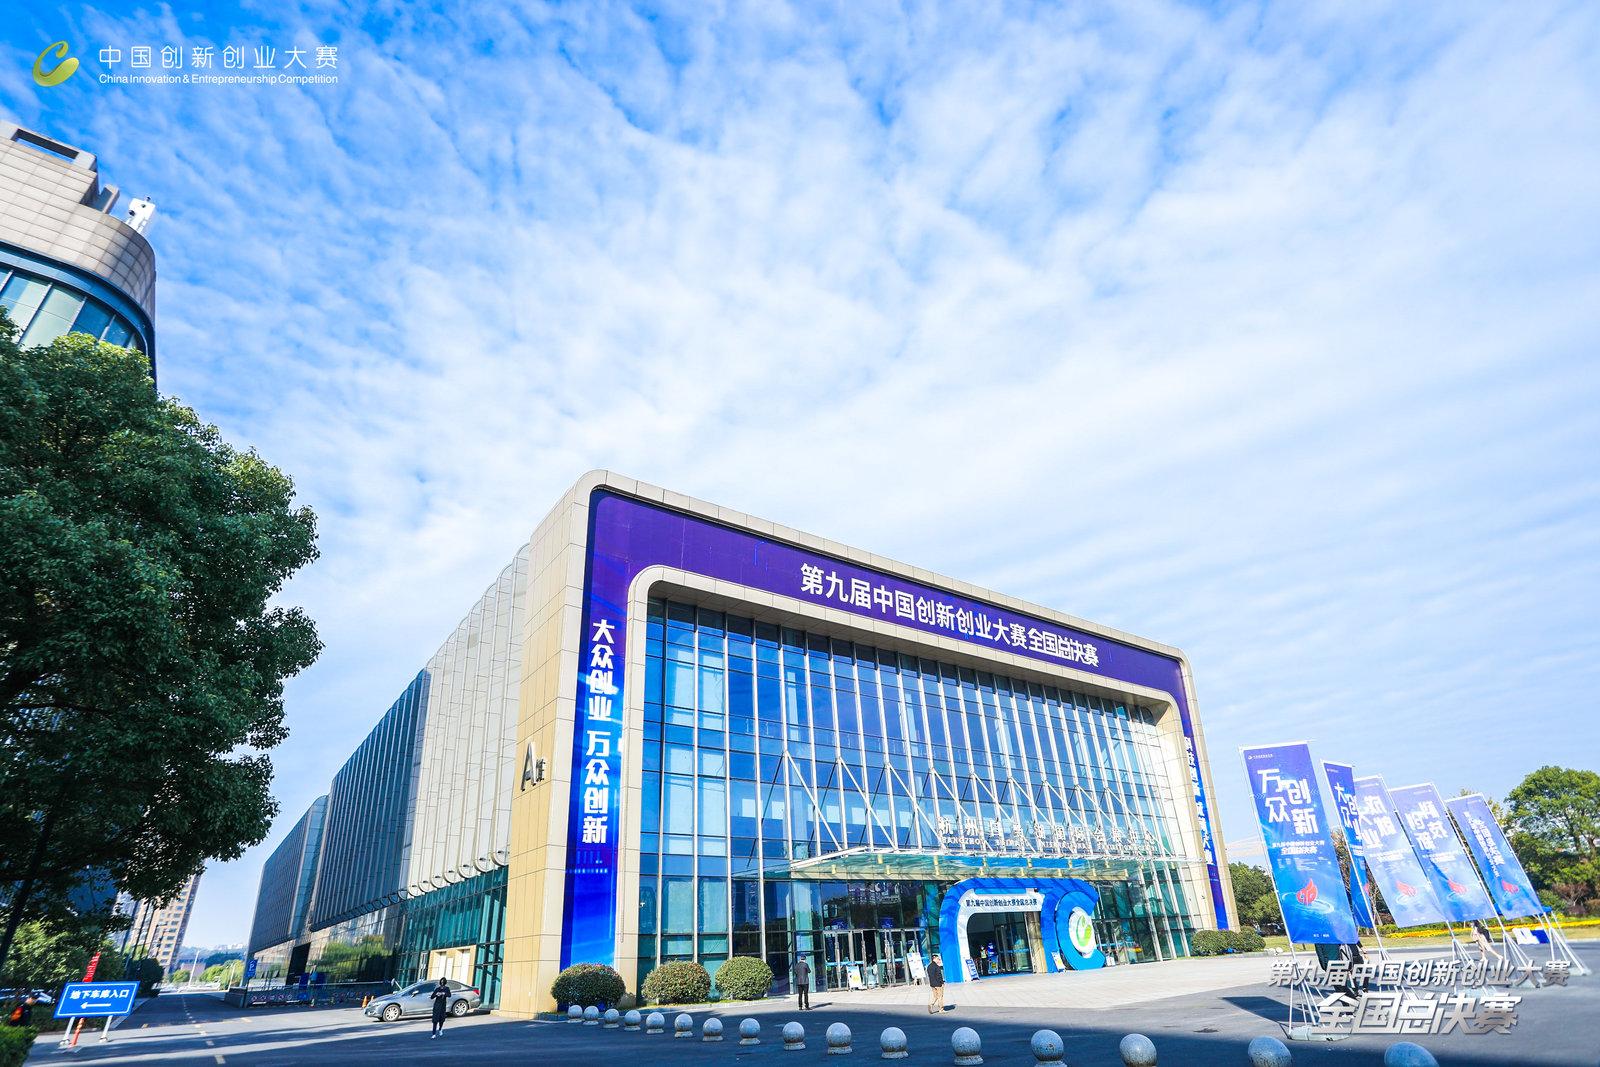 第九届中国创新创业大赛全国总决赛在杭州落幕